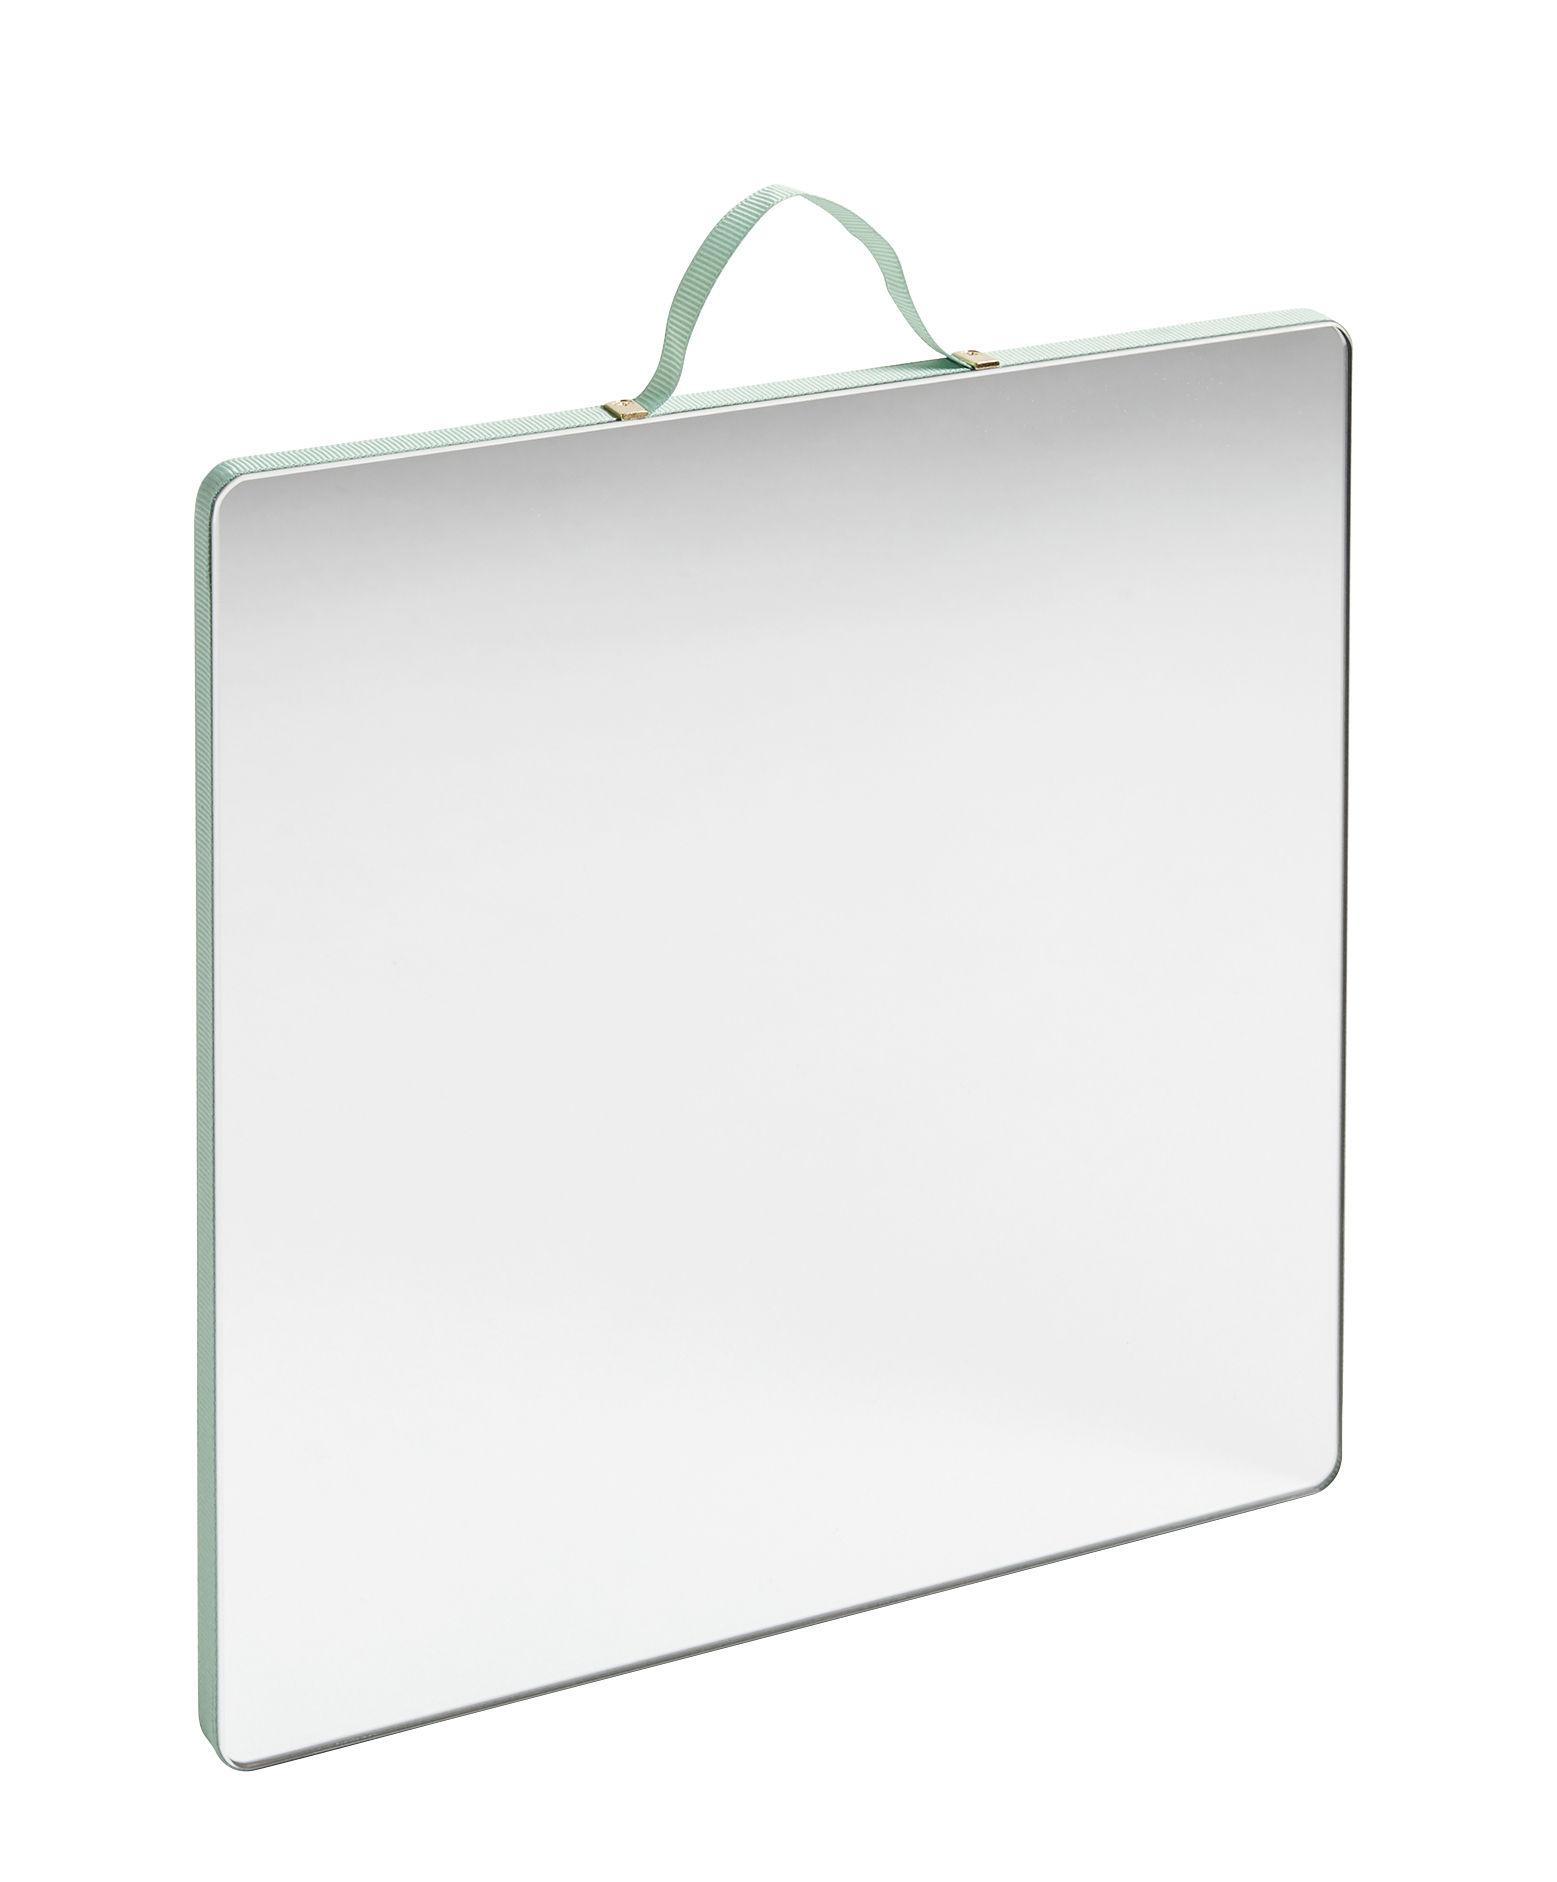 Interni - Specchi - Specchio murale Ruban Large - / Quadrato - 26 x 26 cm di Hay - Verde menta - Compensato di rovere, Ottone, Tessuto poliestere, Vetro